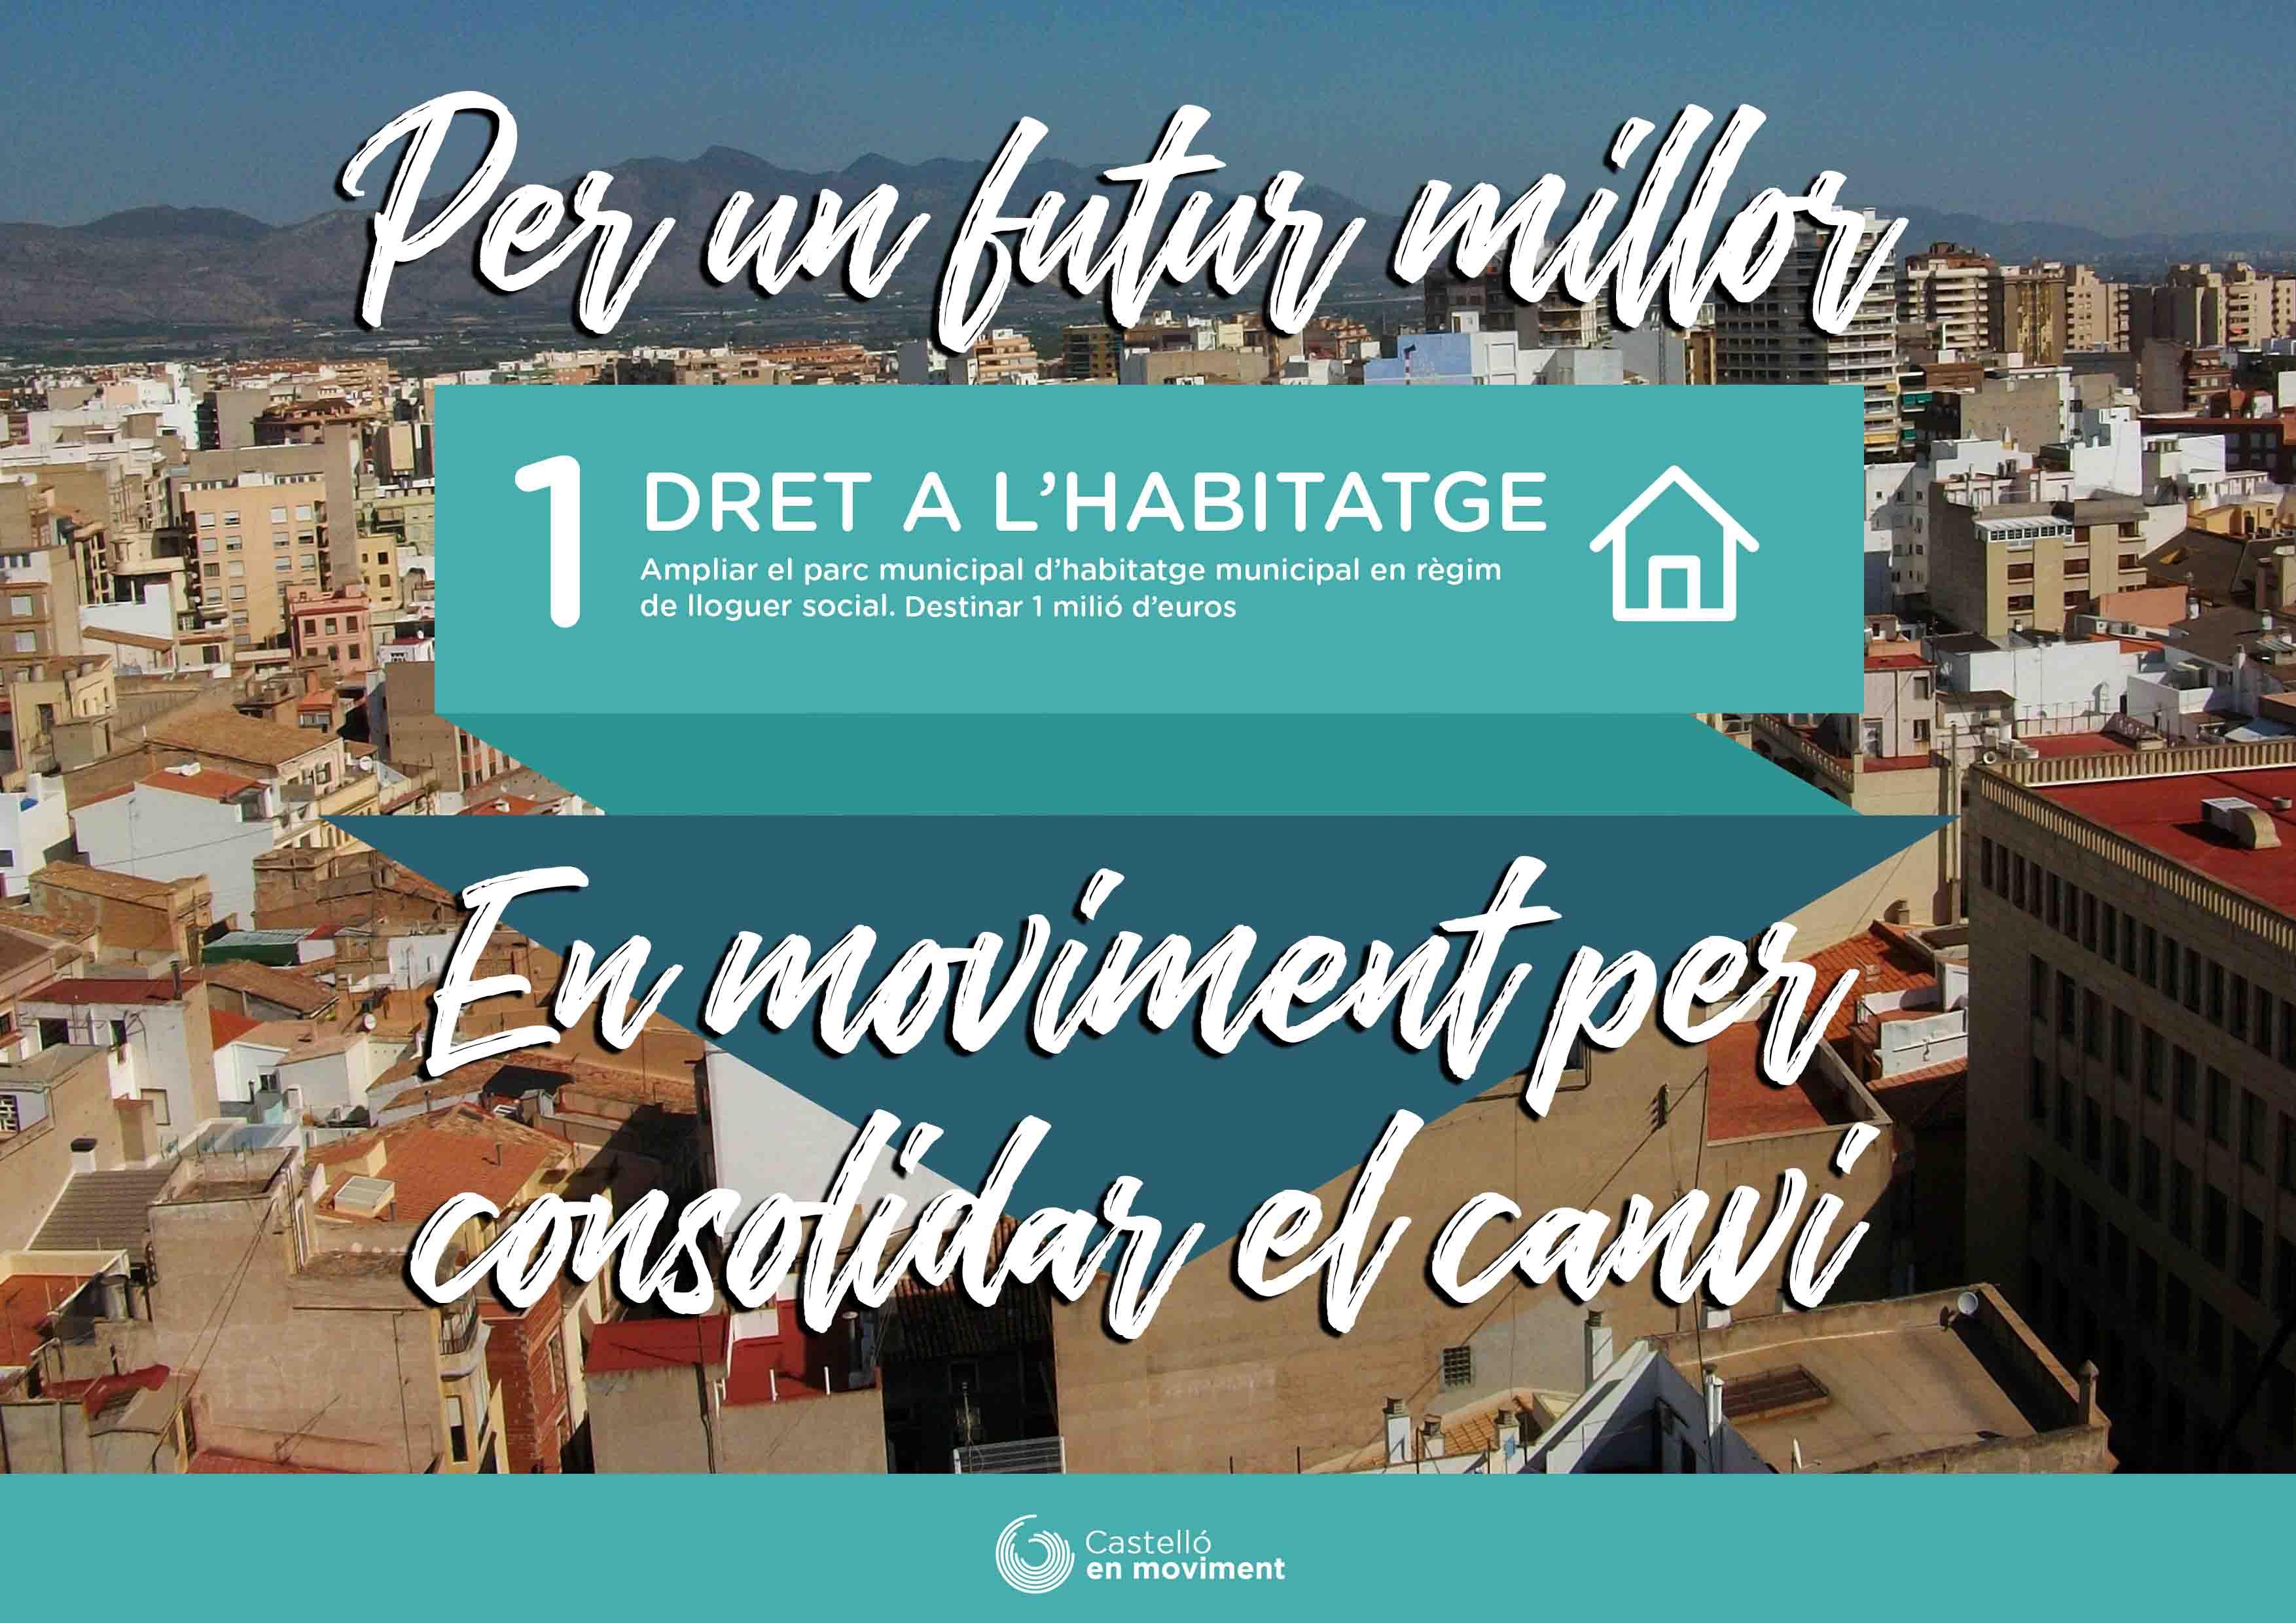 Proposem Comprar Més Habitatge Per Ampliar El Parc Municipal En Règim De Lloguer Social